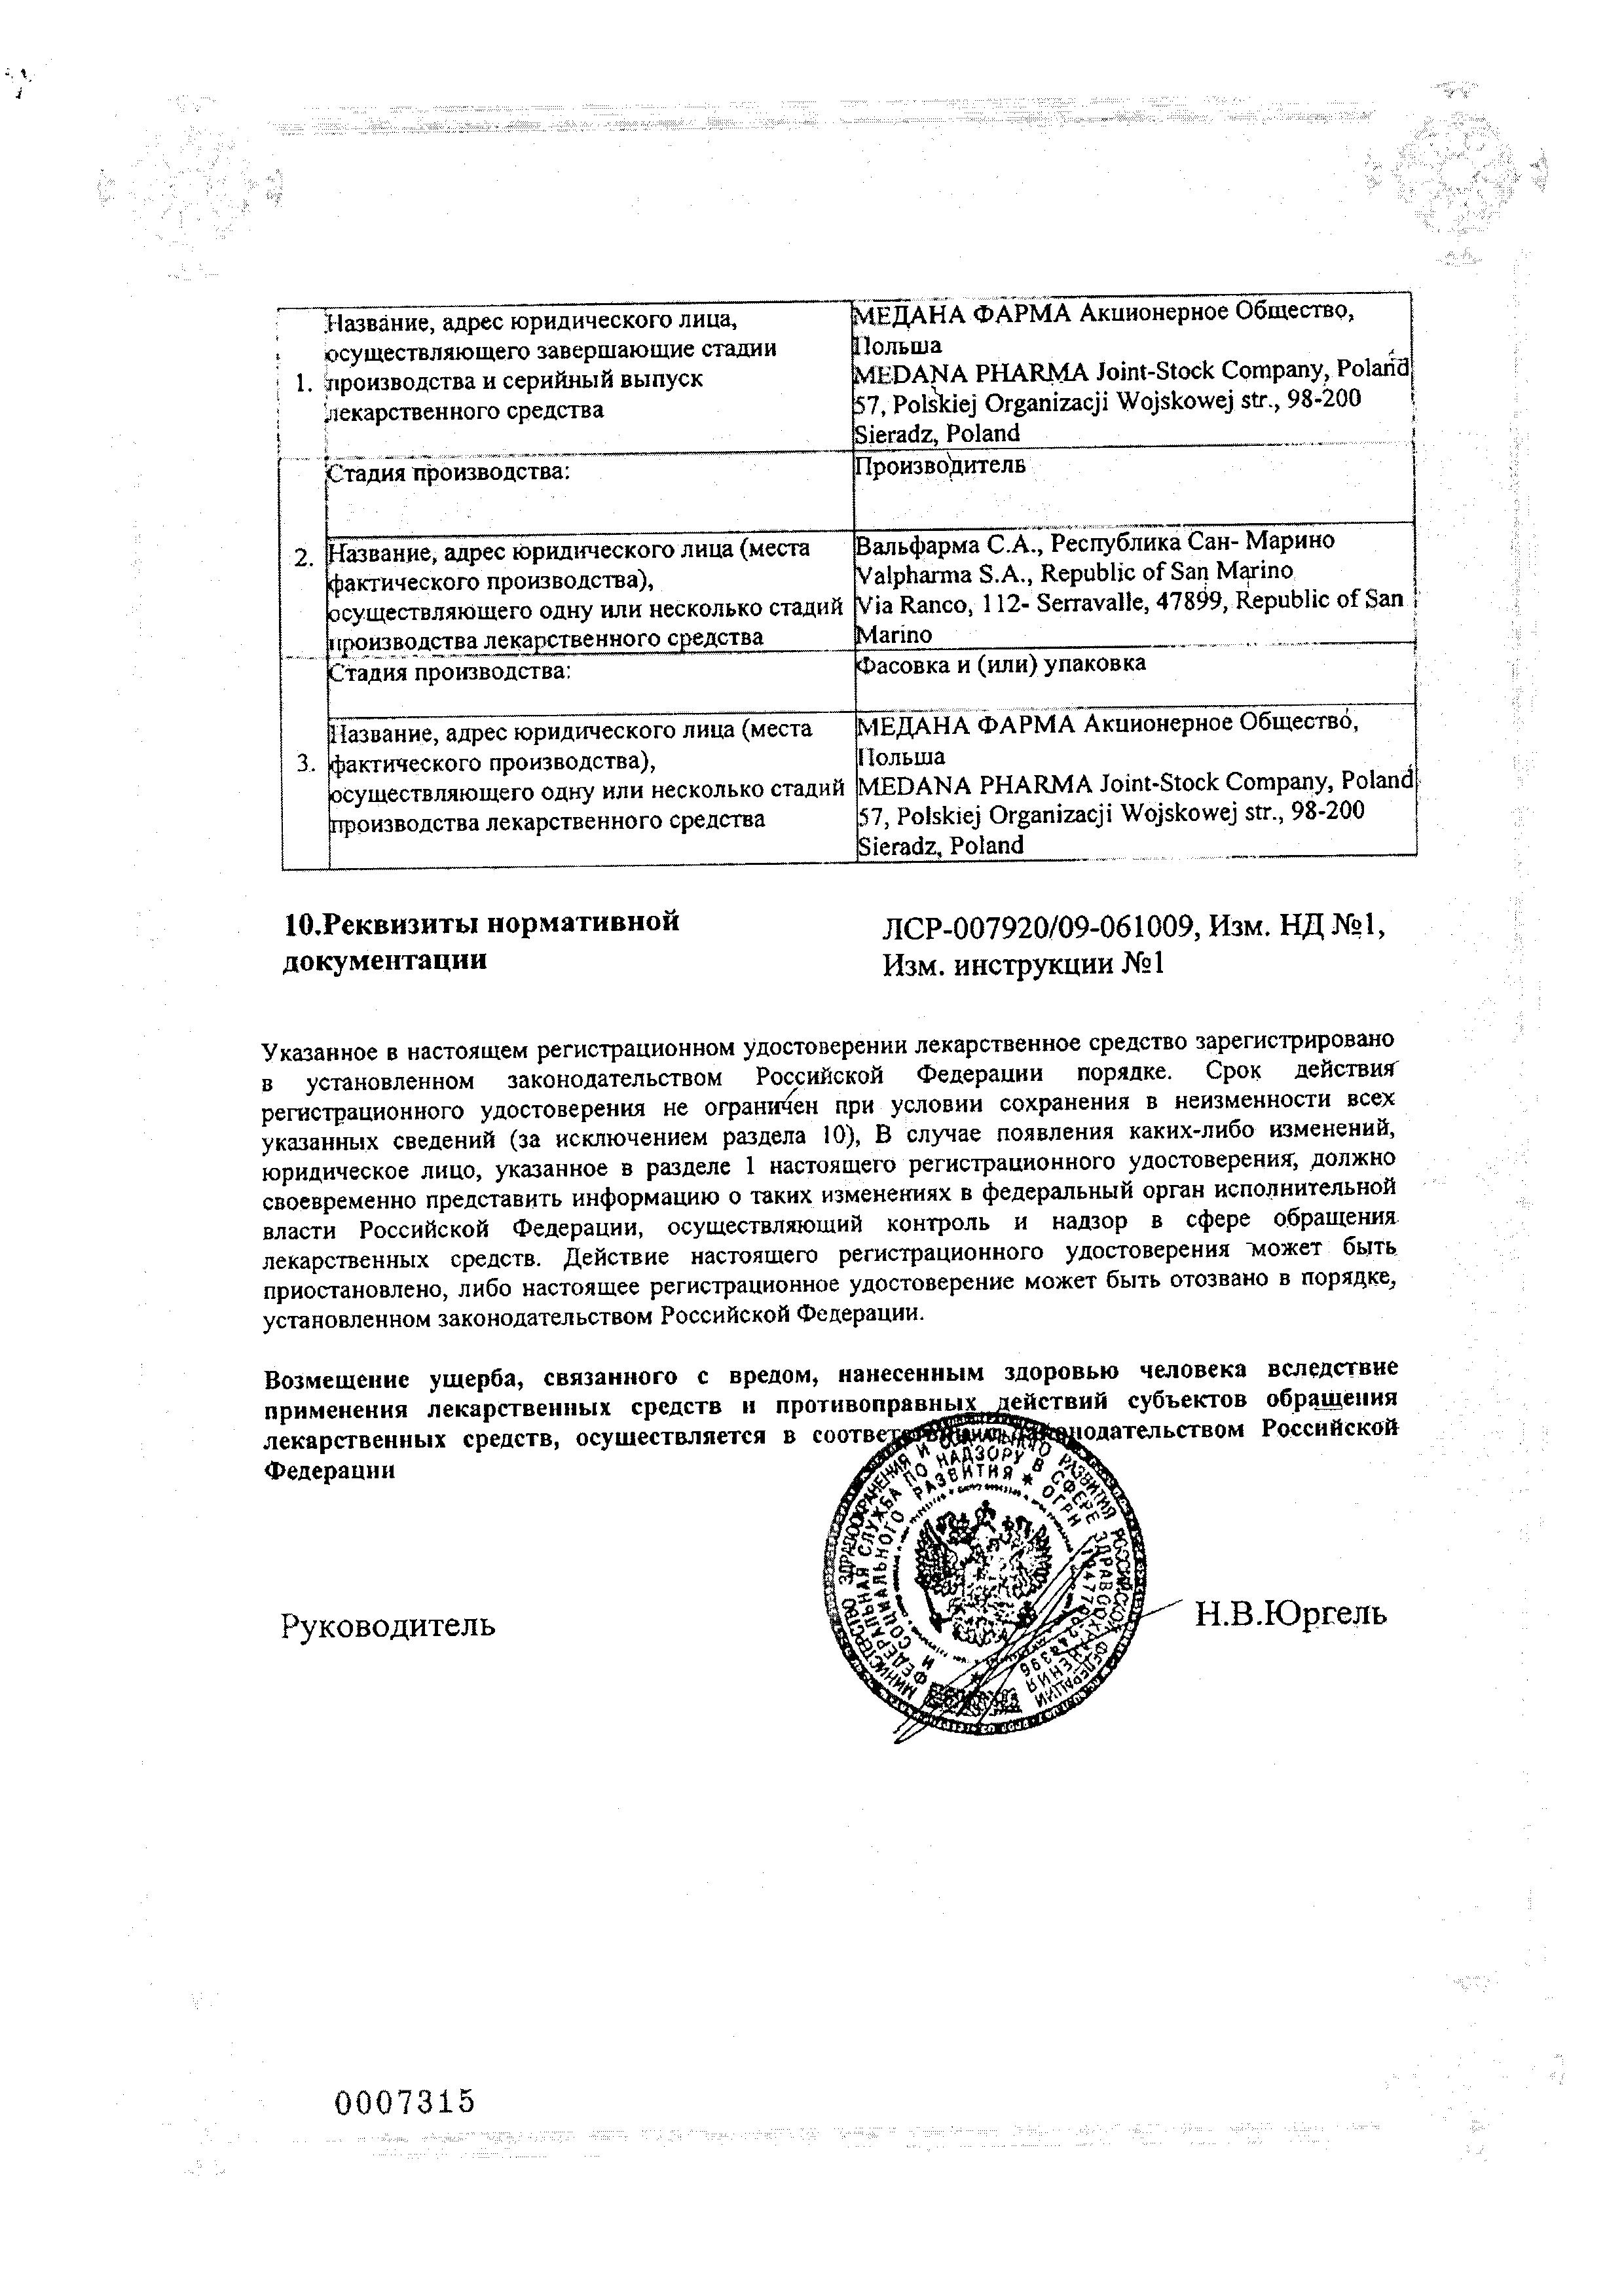 Быструмкапс сертификат